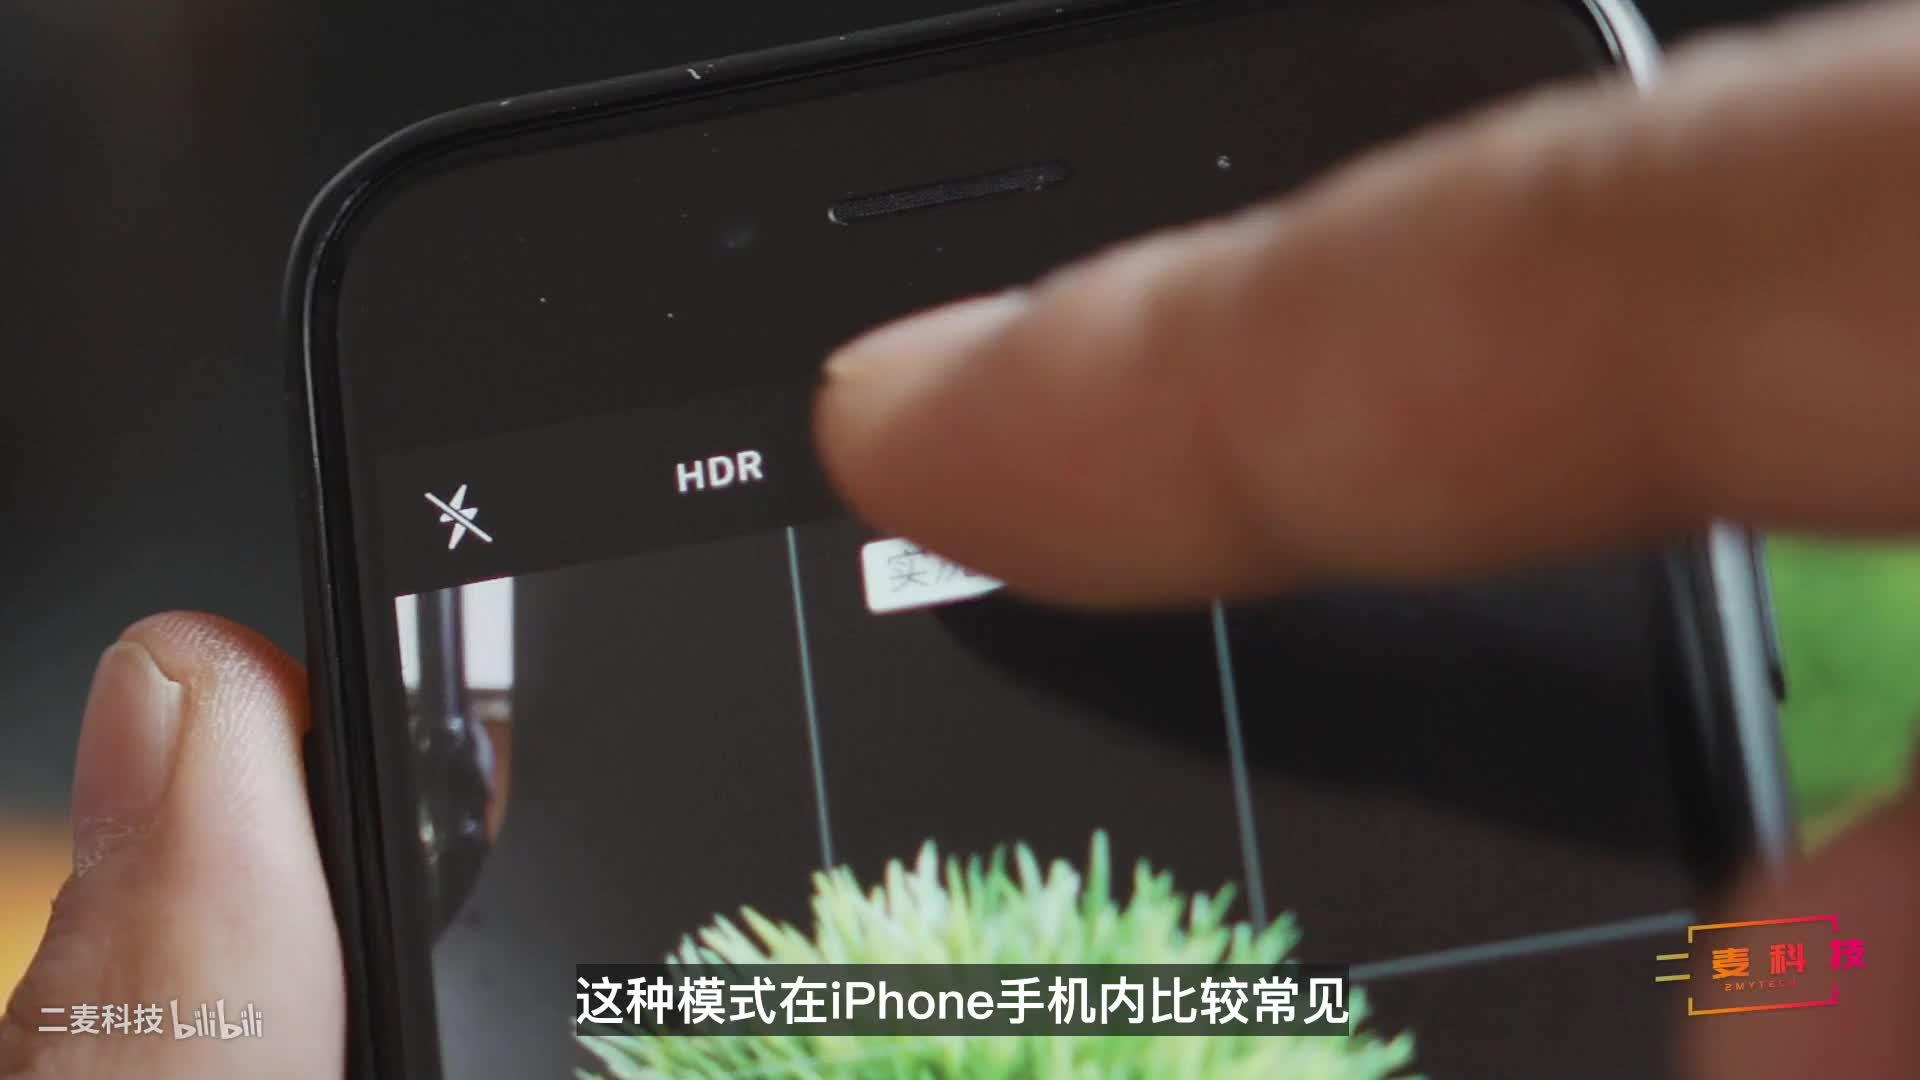 手机摄影|如何用手机拍清快速移动的物体?手机摄影之抓拍技巧总结